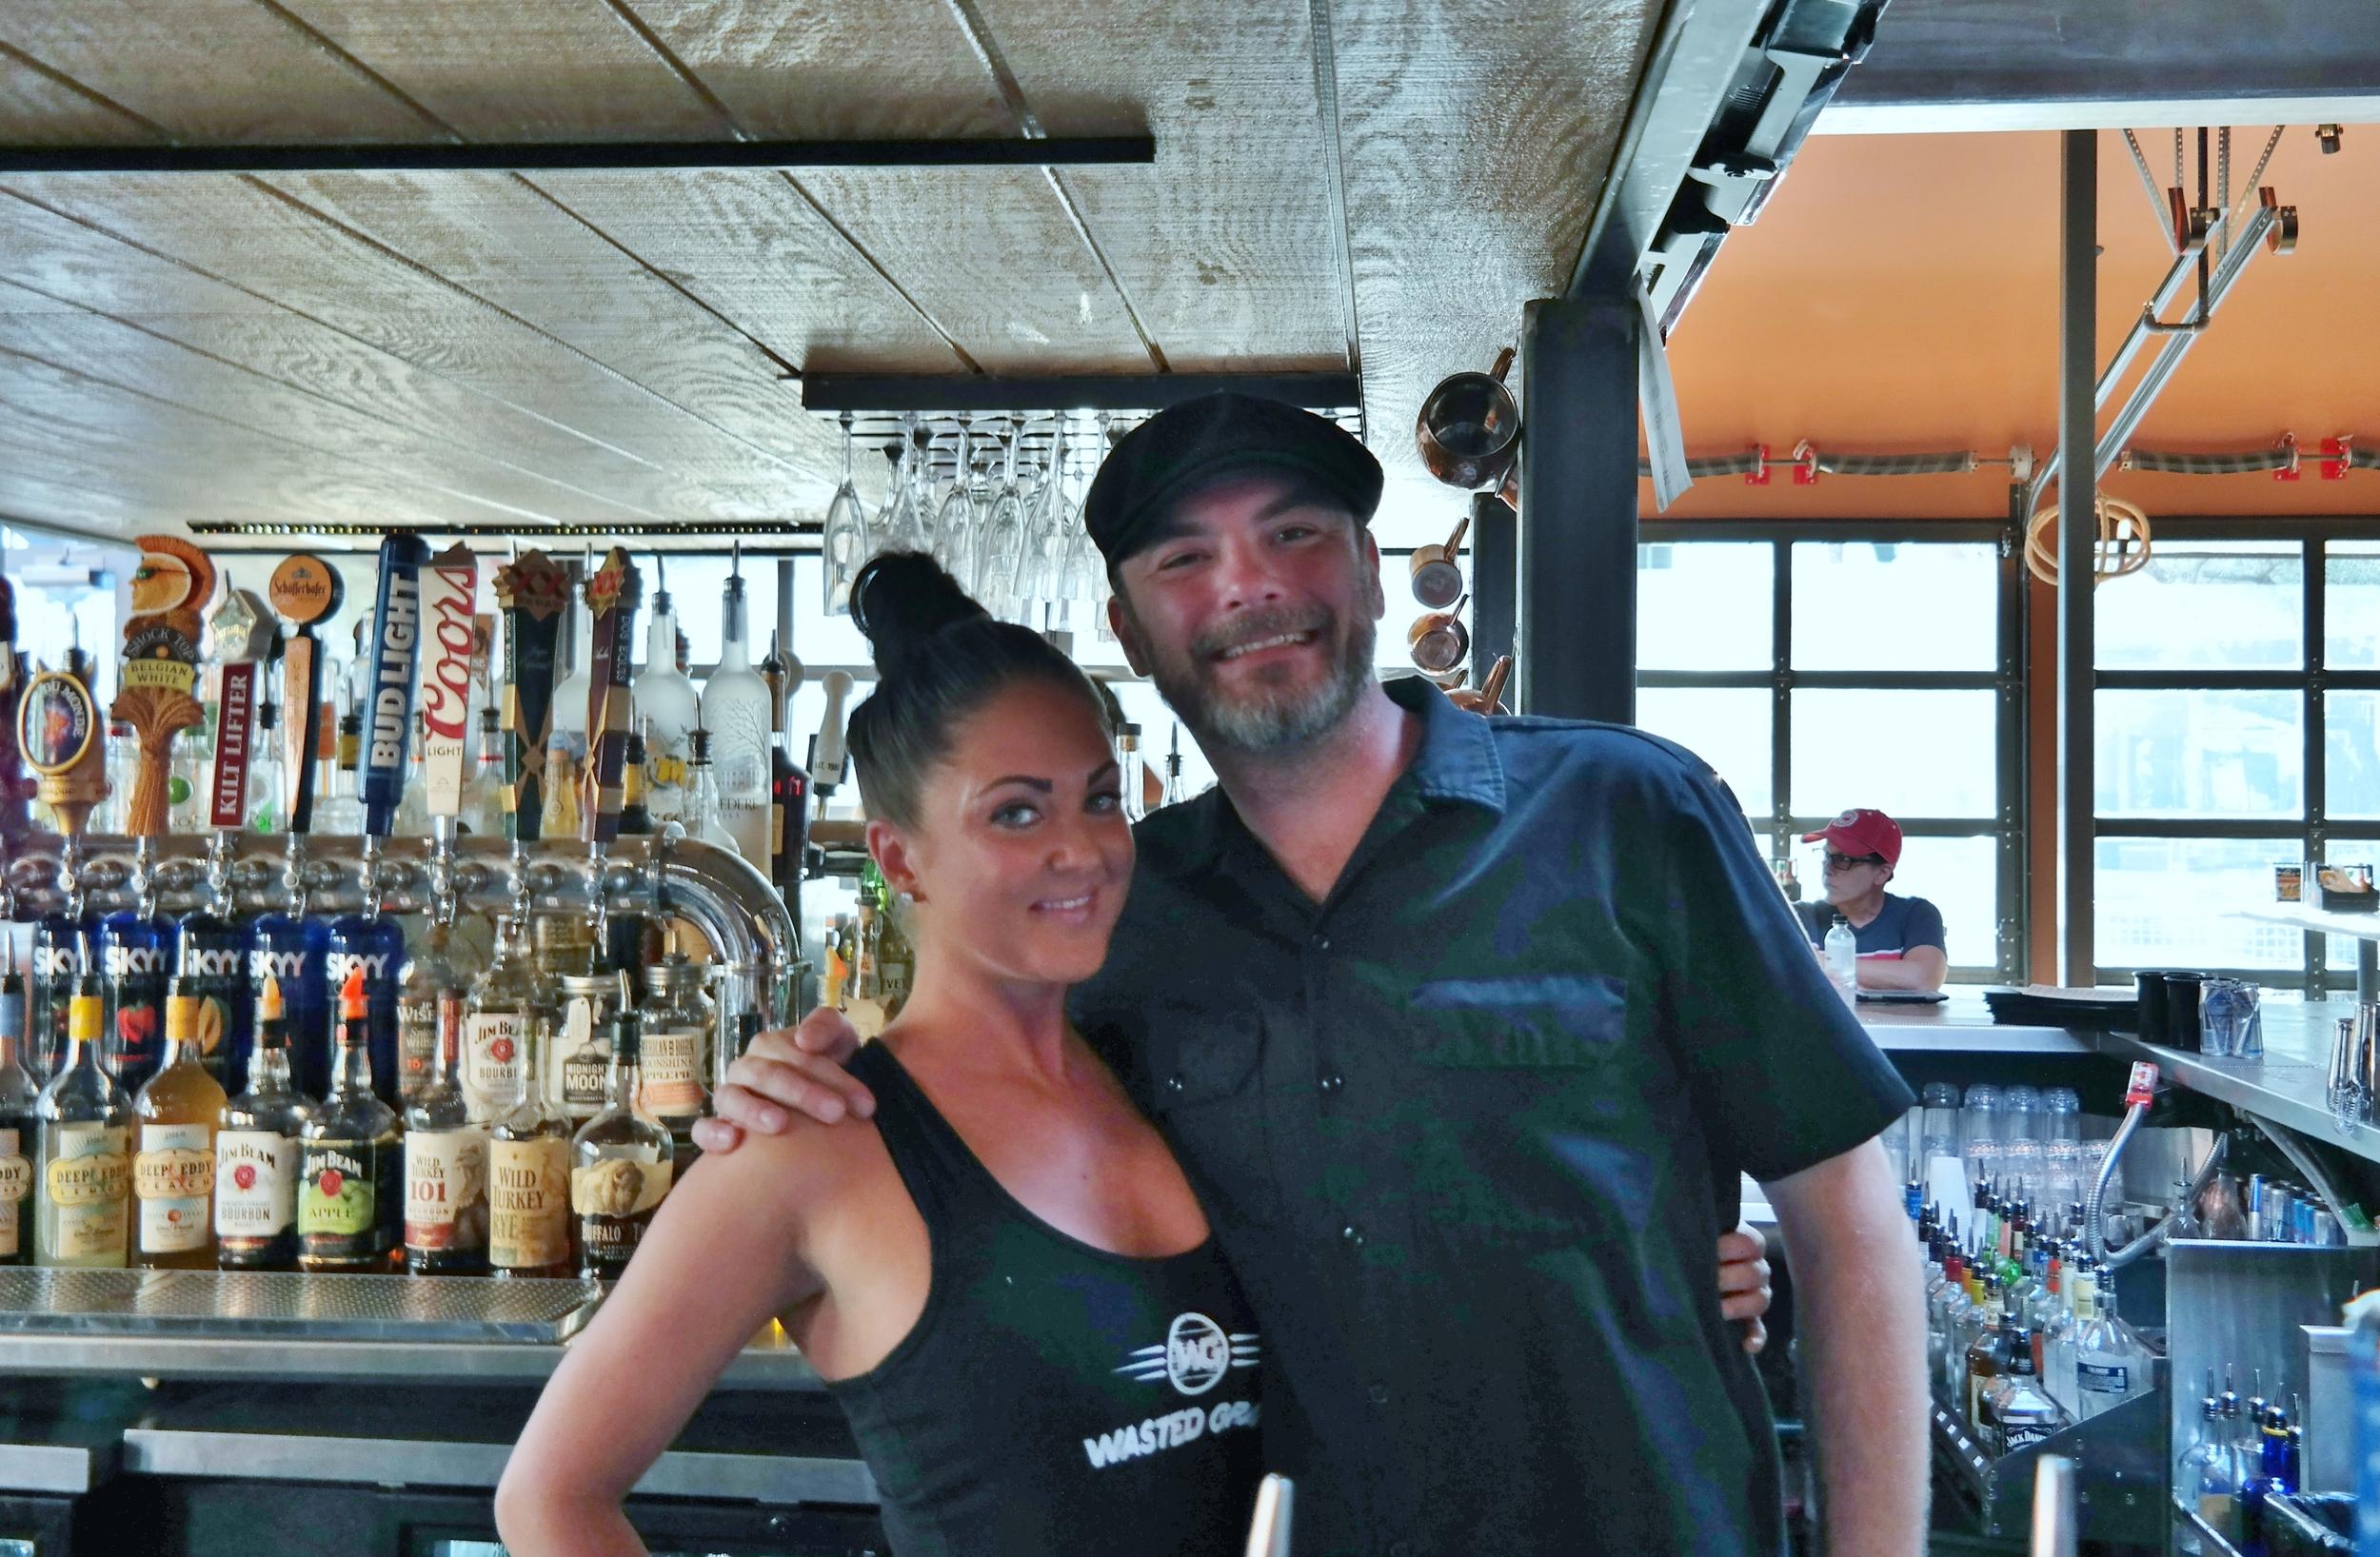 Tara Thorpe and Richie Moe